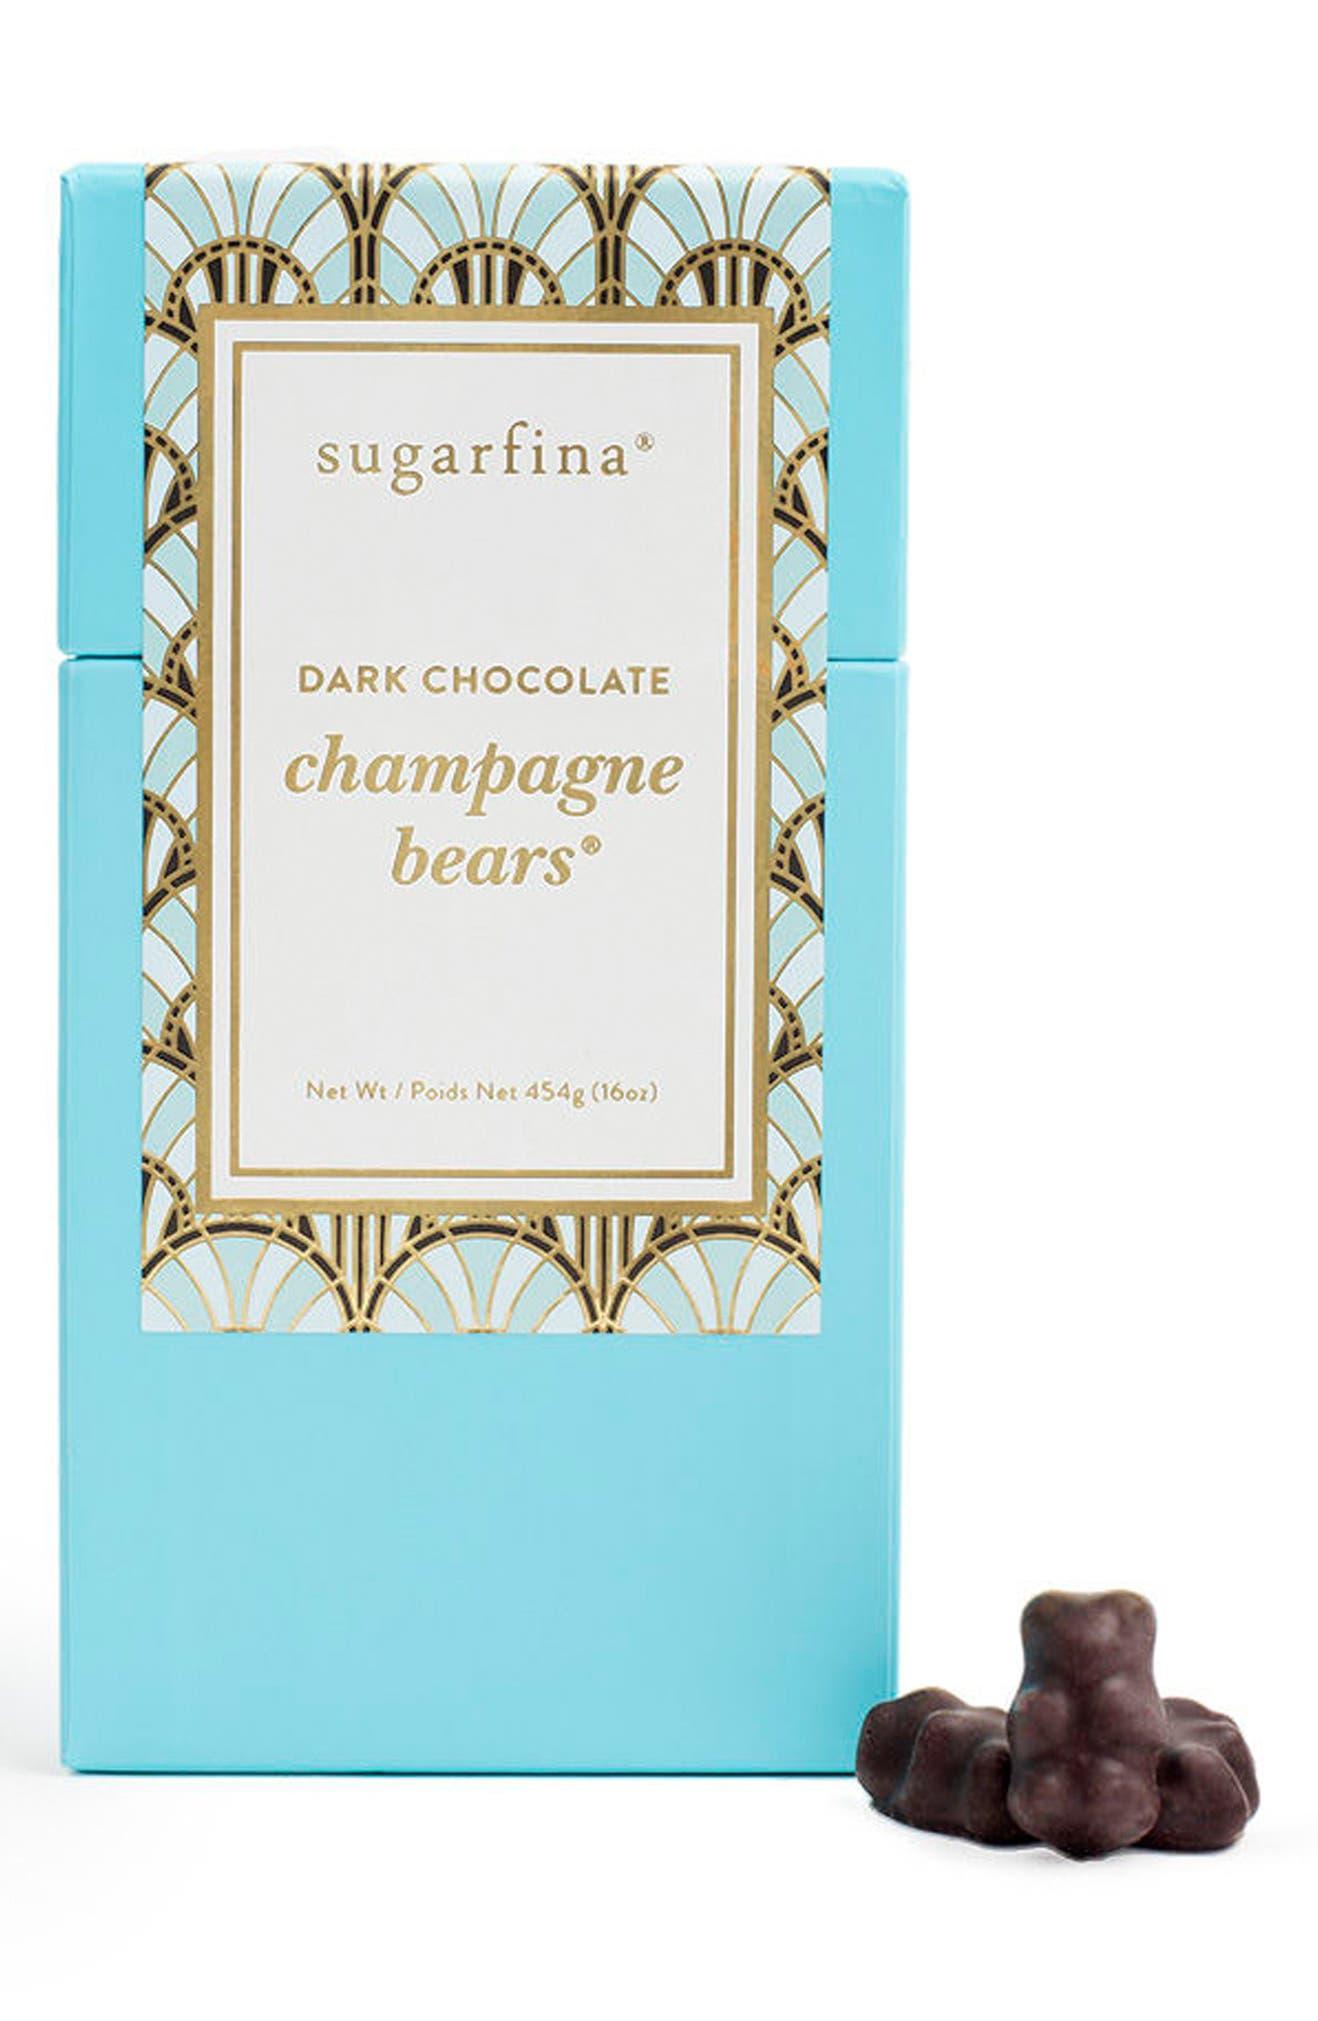 sugarfina Dark Chocolate Champagne Bears® | Nordstrom